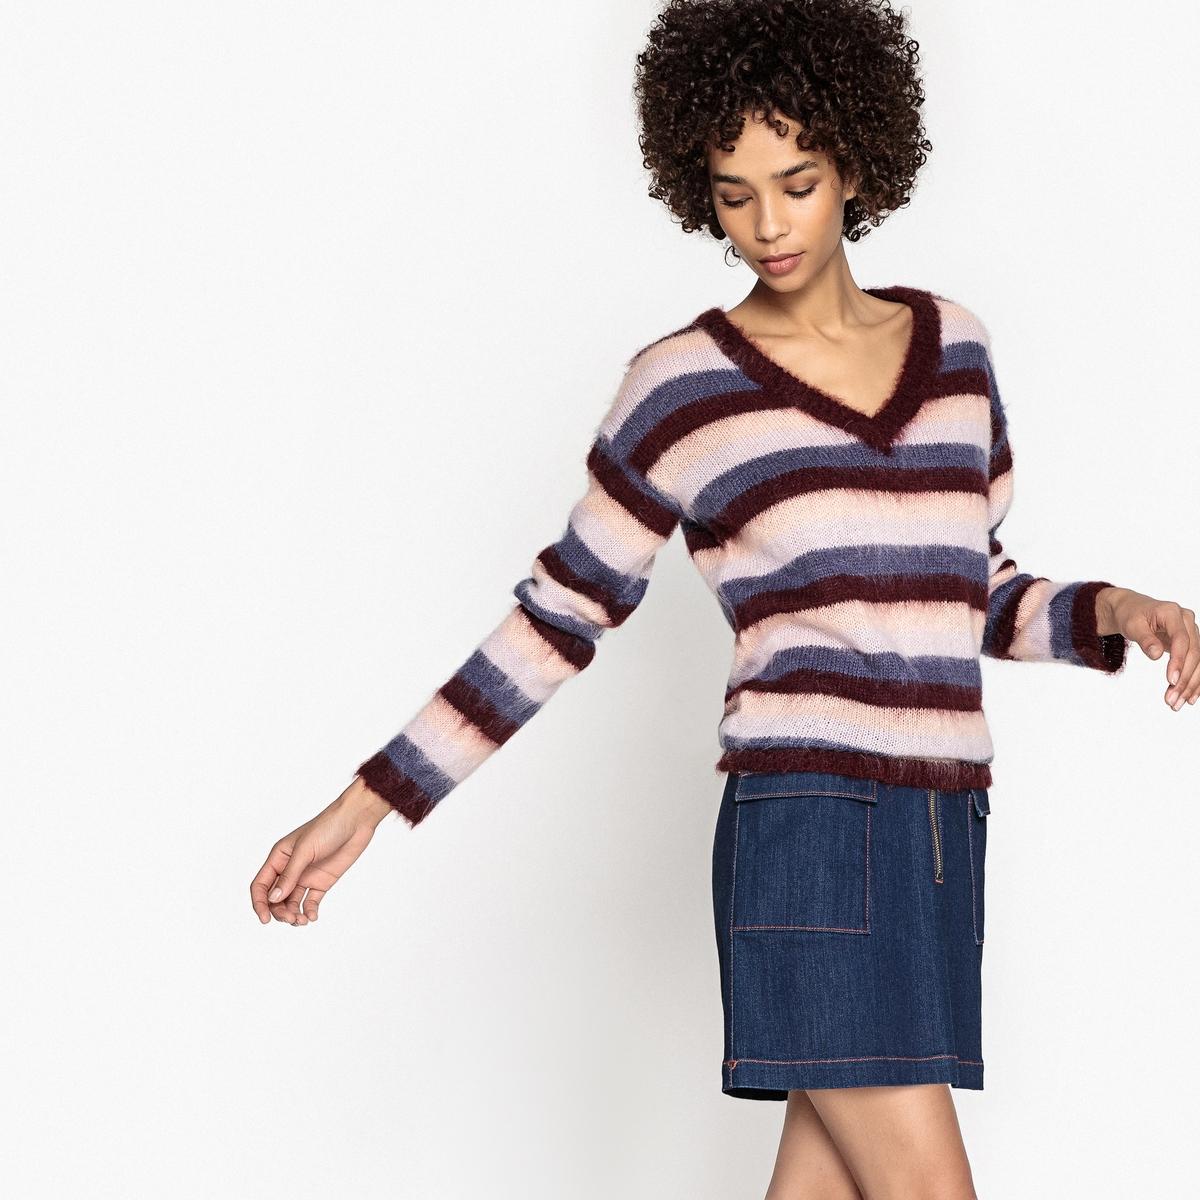 Пуловер La Redoute Из тонкого трикотажа с V-образным вырезом S разноцветный пуловер la redoute с v образным вырезом из тонкого трикотажа s черный